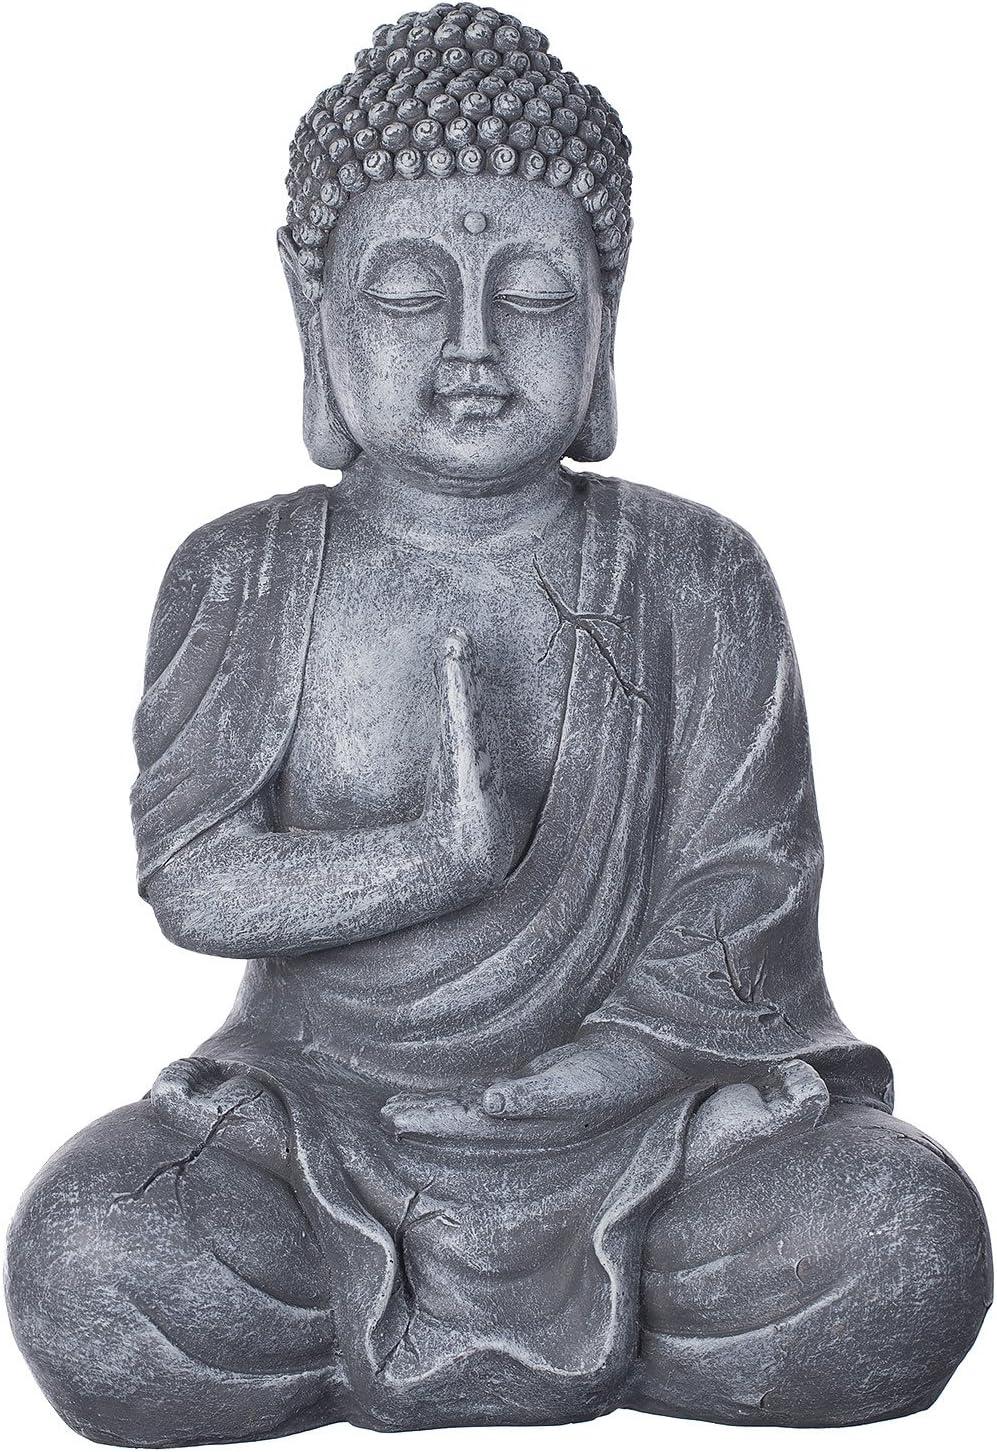 Buda b4017piedra gris, para interior y exterior, Figura de Buda XL 43cm de alto, Buda Estatua grande, de busto, Jardín Decoración, impermeable (No a las heladas) de piedra artificial (polirresina) m